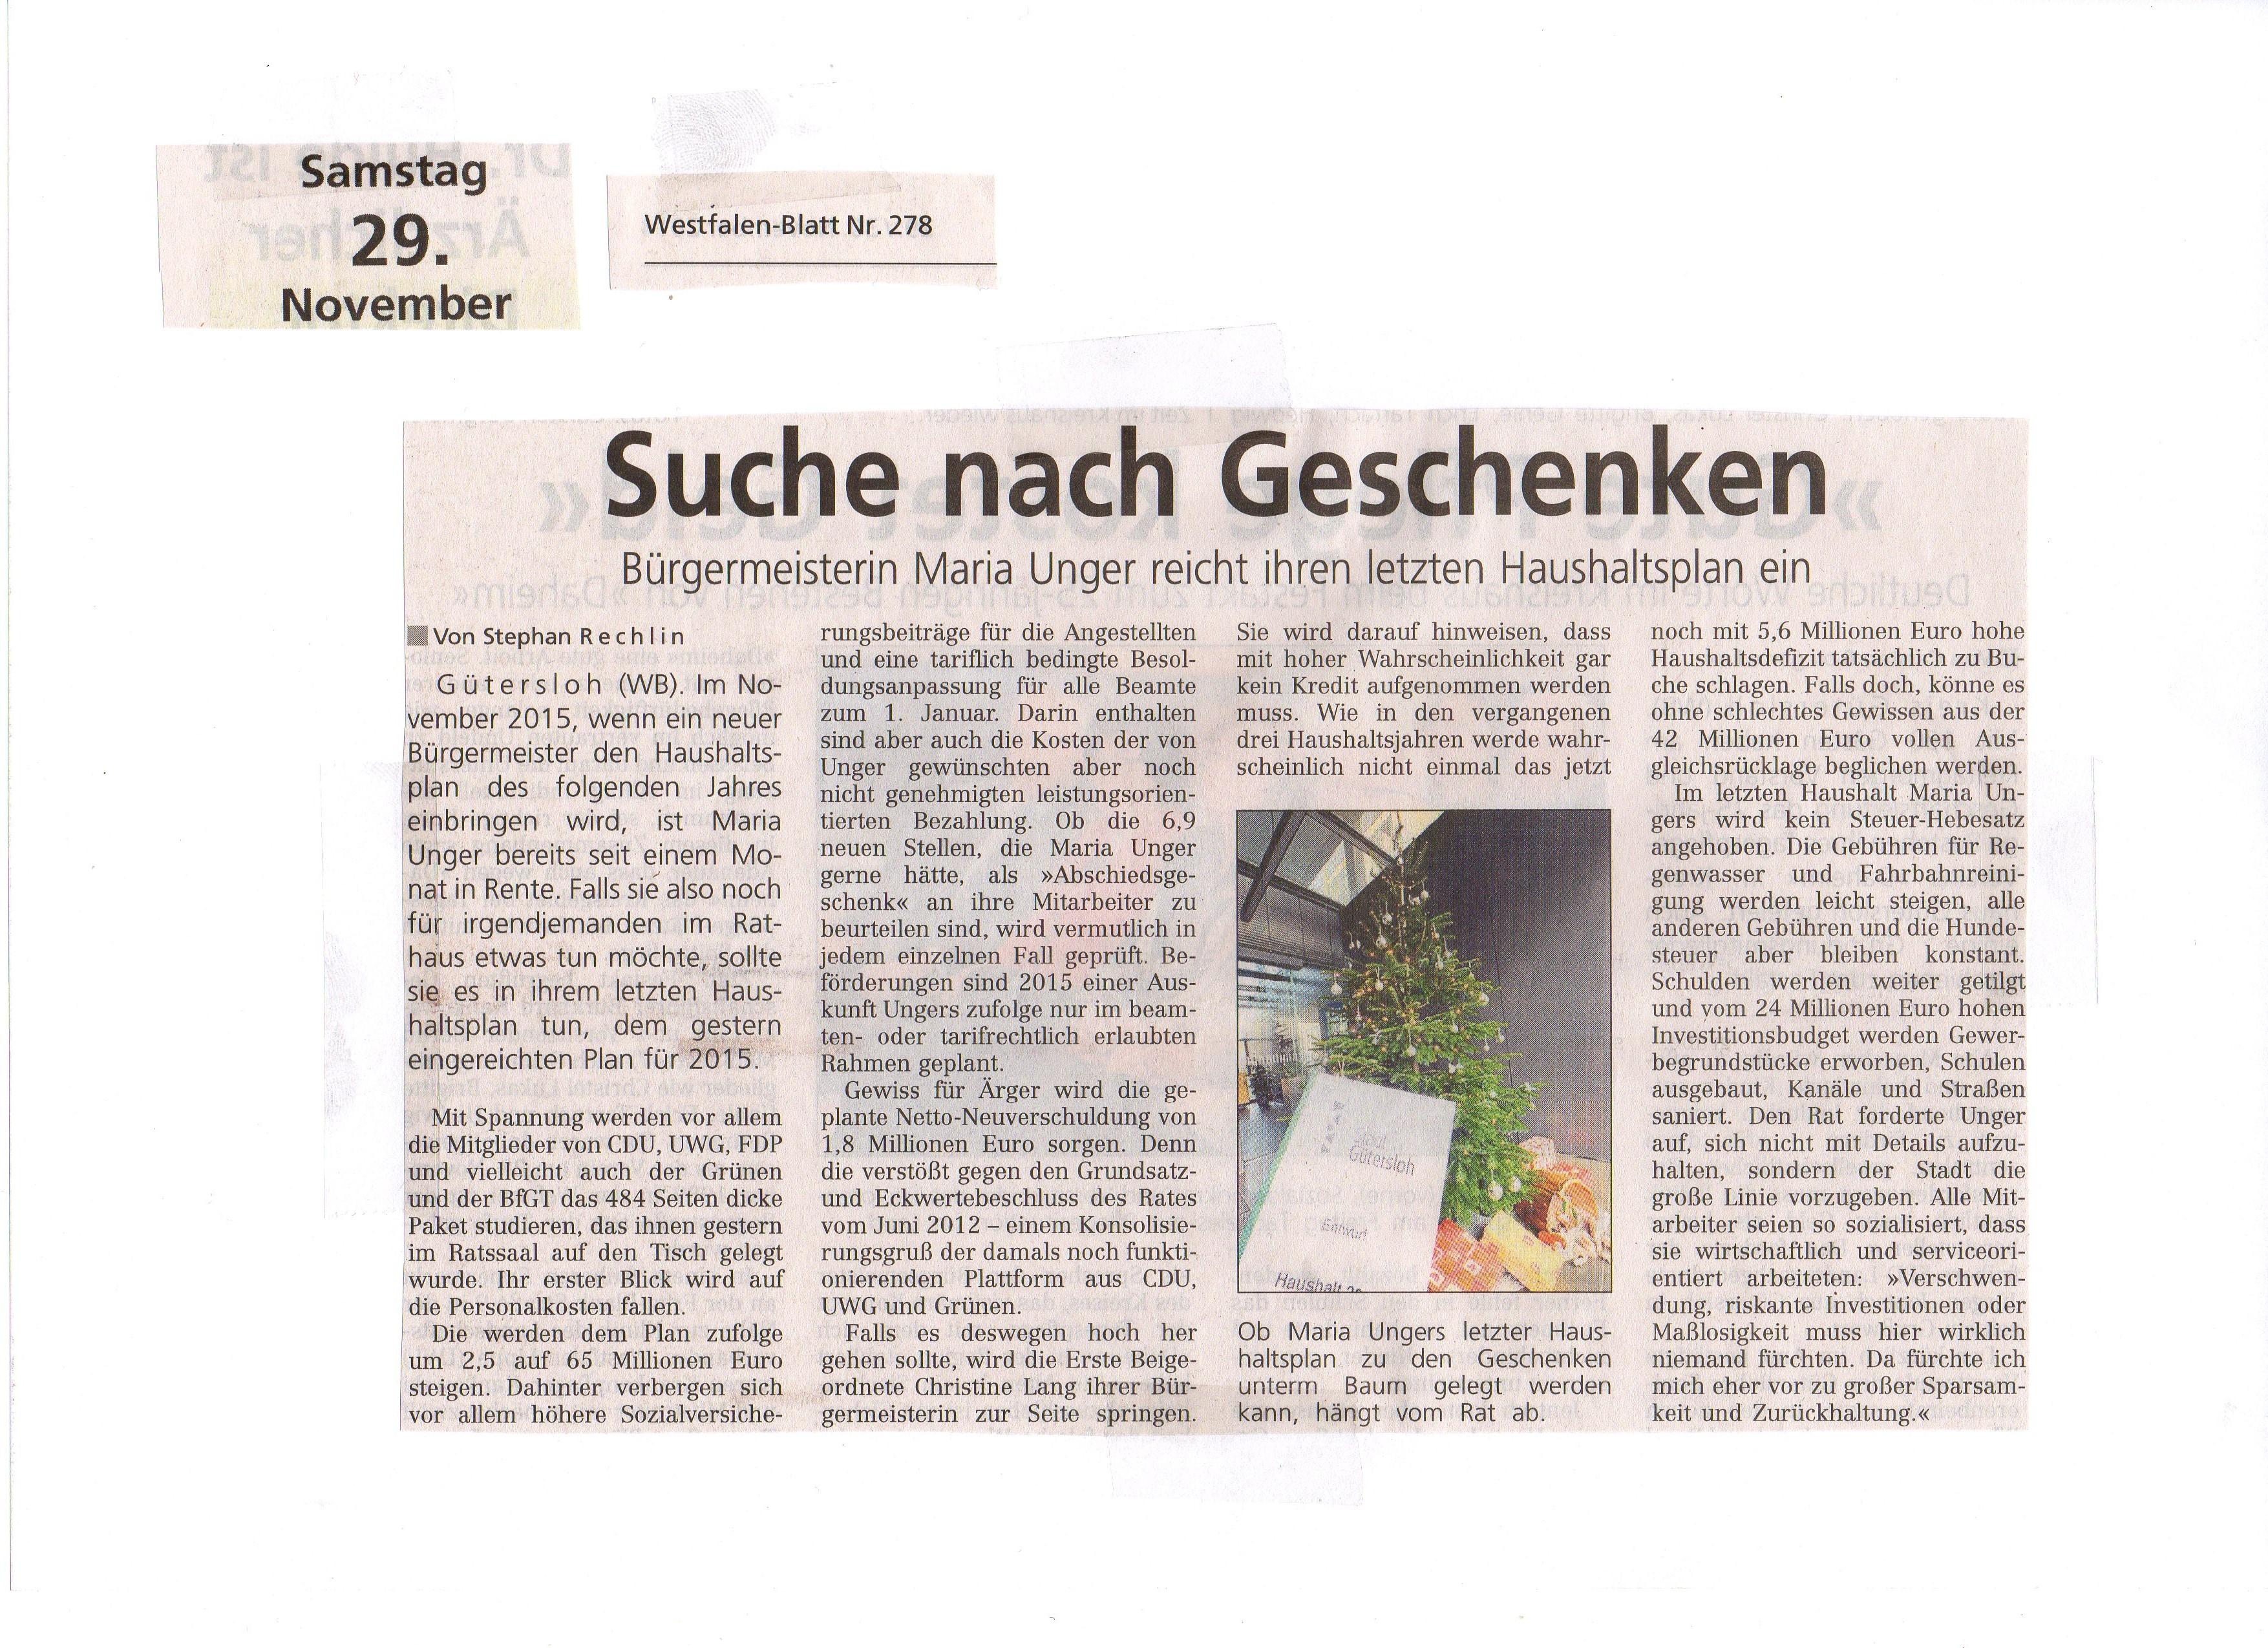 2014-11-29_Artikel_WB(1)